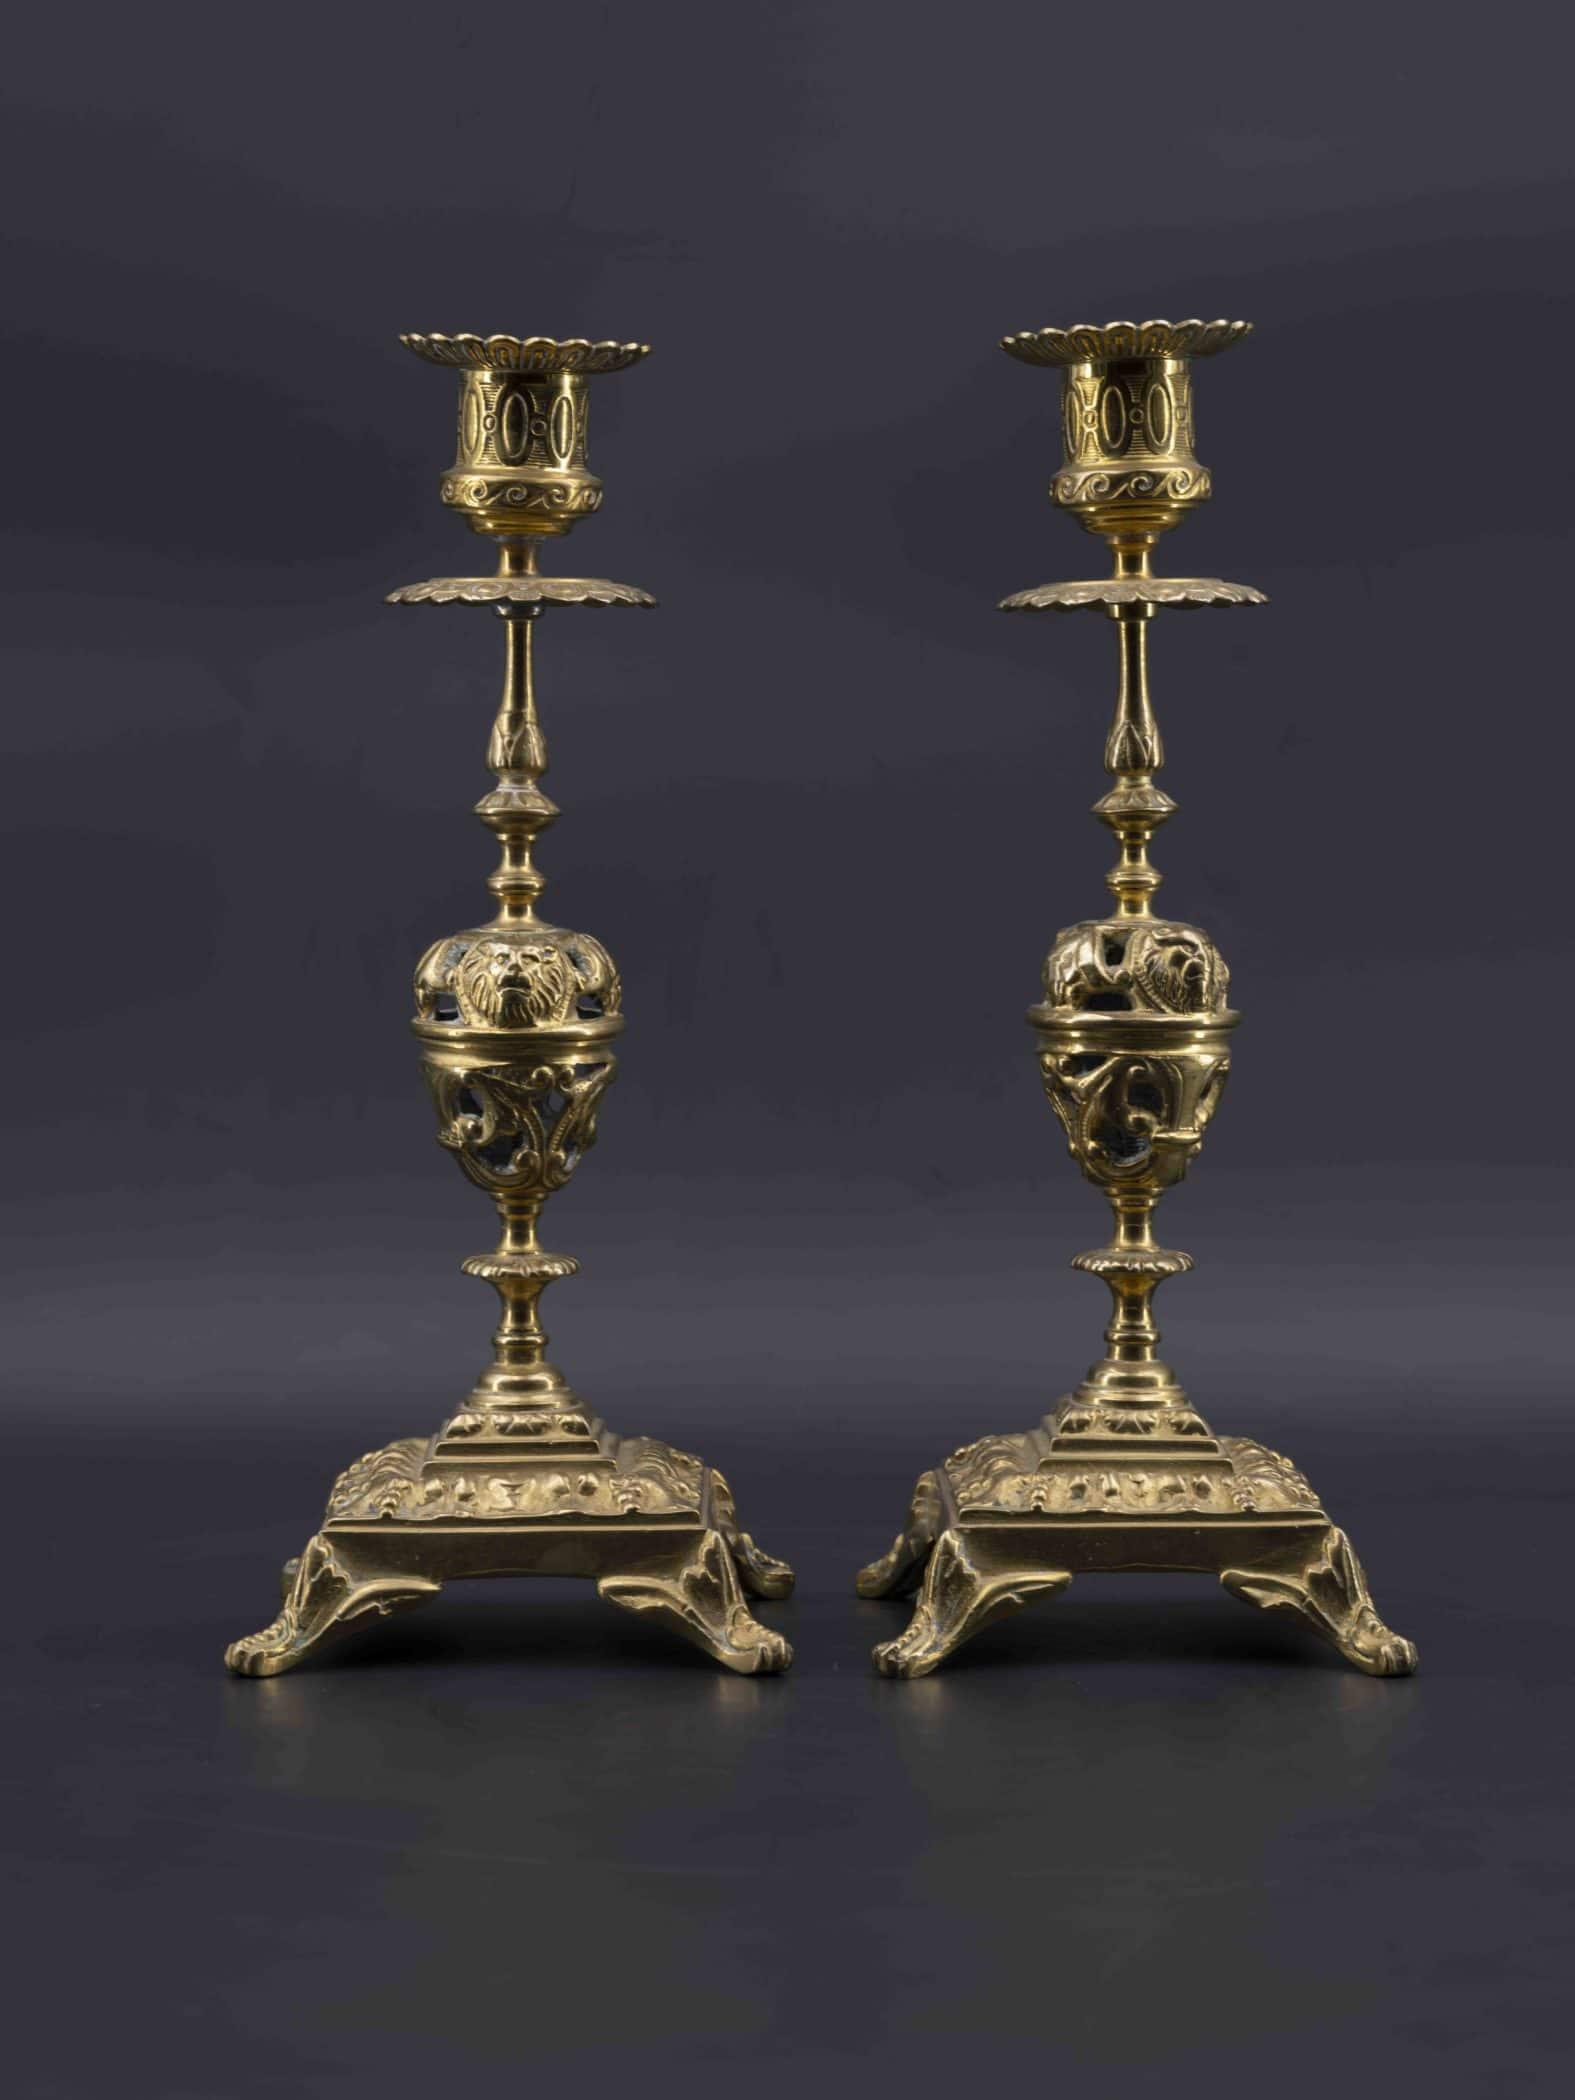 Paire de bougeoirs en bronze doré, fin XIXe siècle